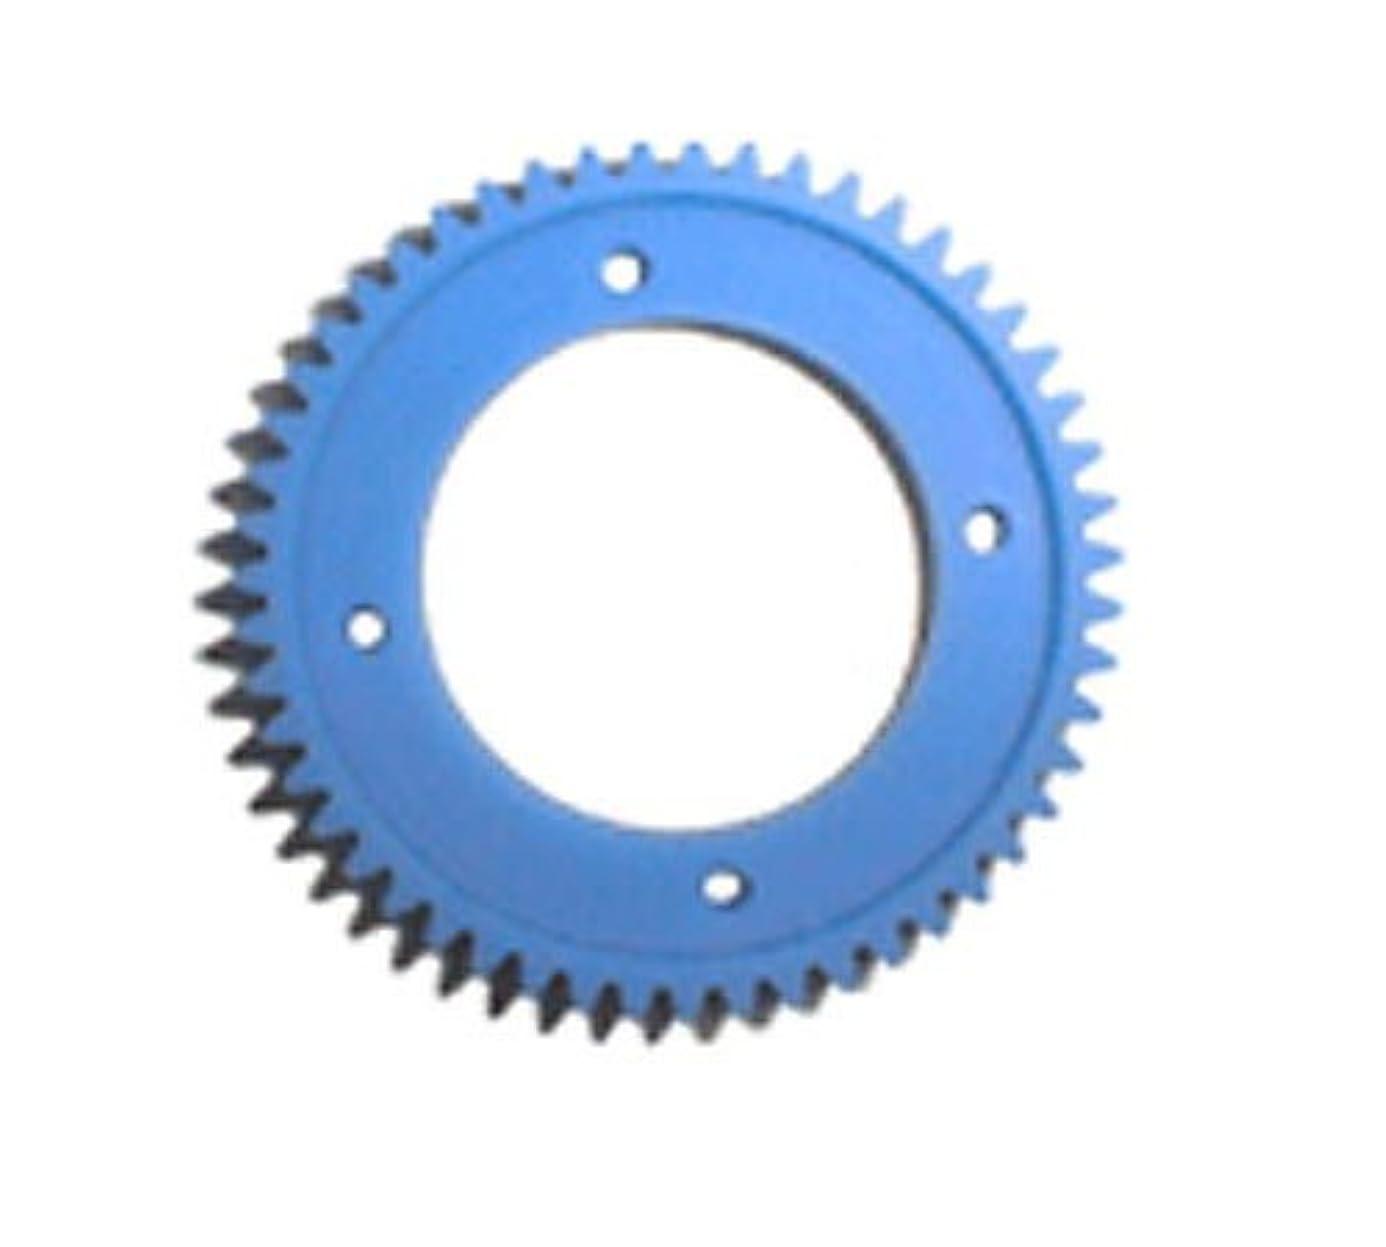 OFNA Racing Spur Gear, Steel: GT, W-GT hny6897902